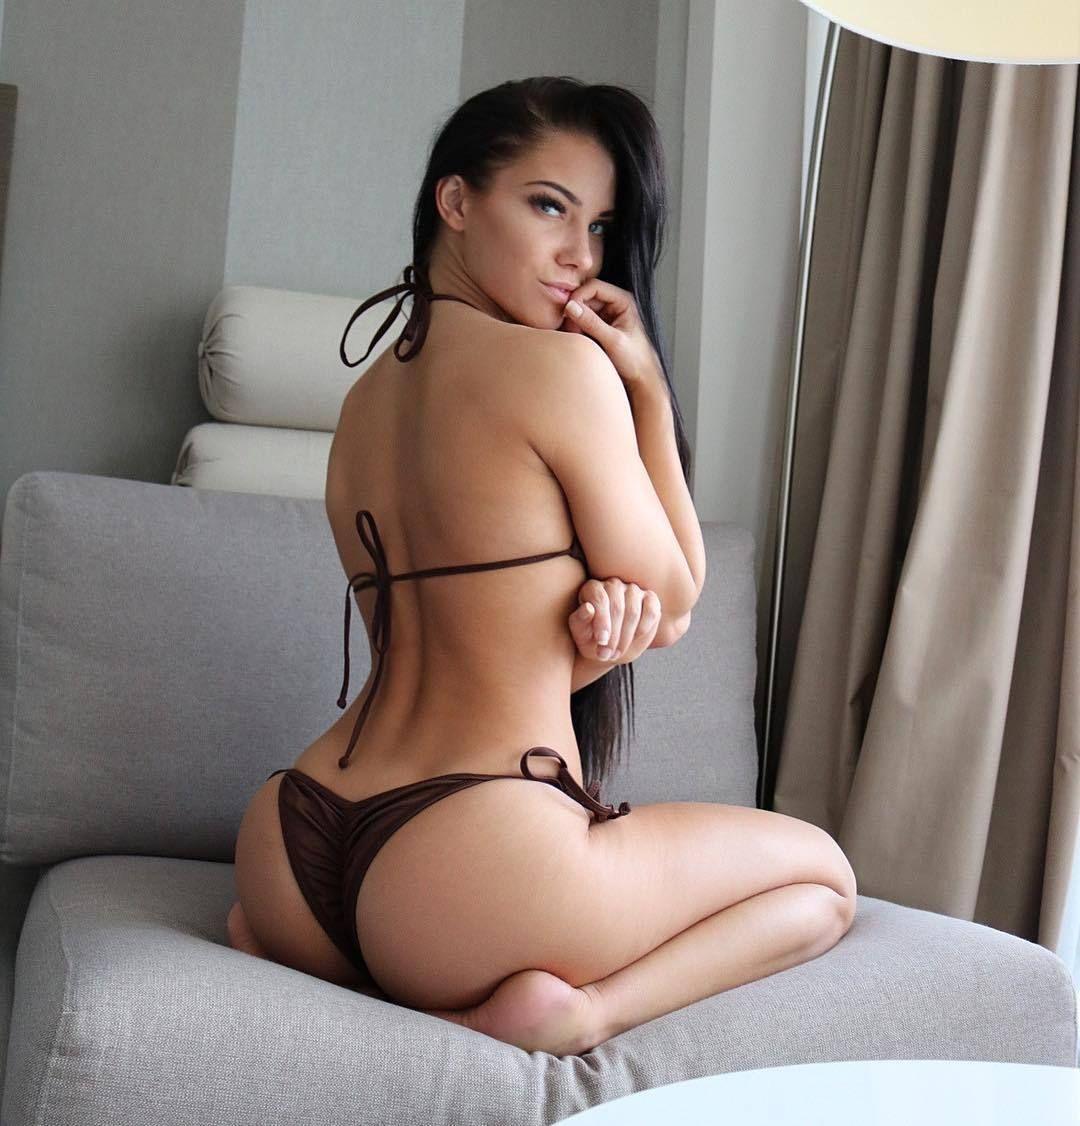 Hot Ass And Heel Pics Photo